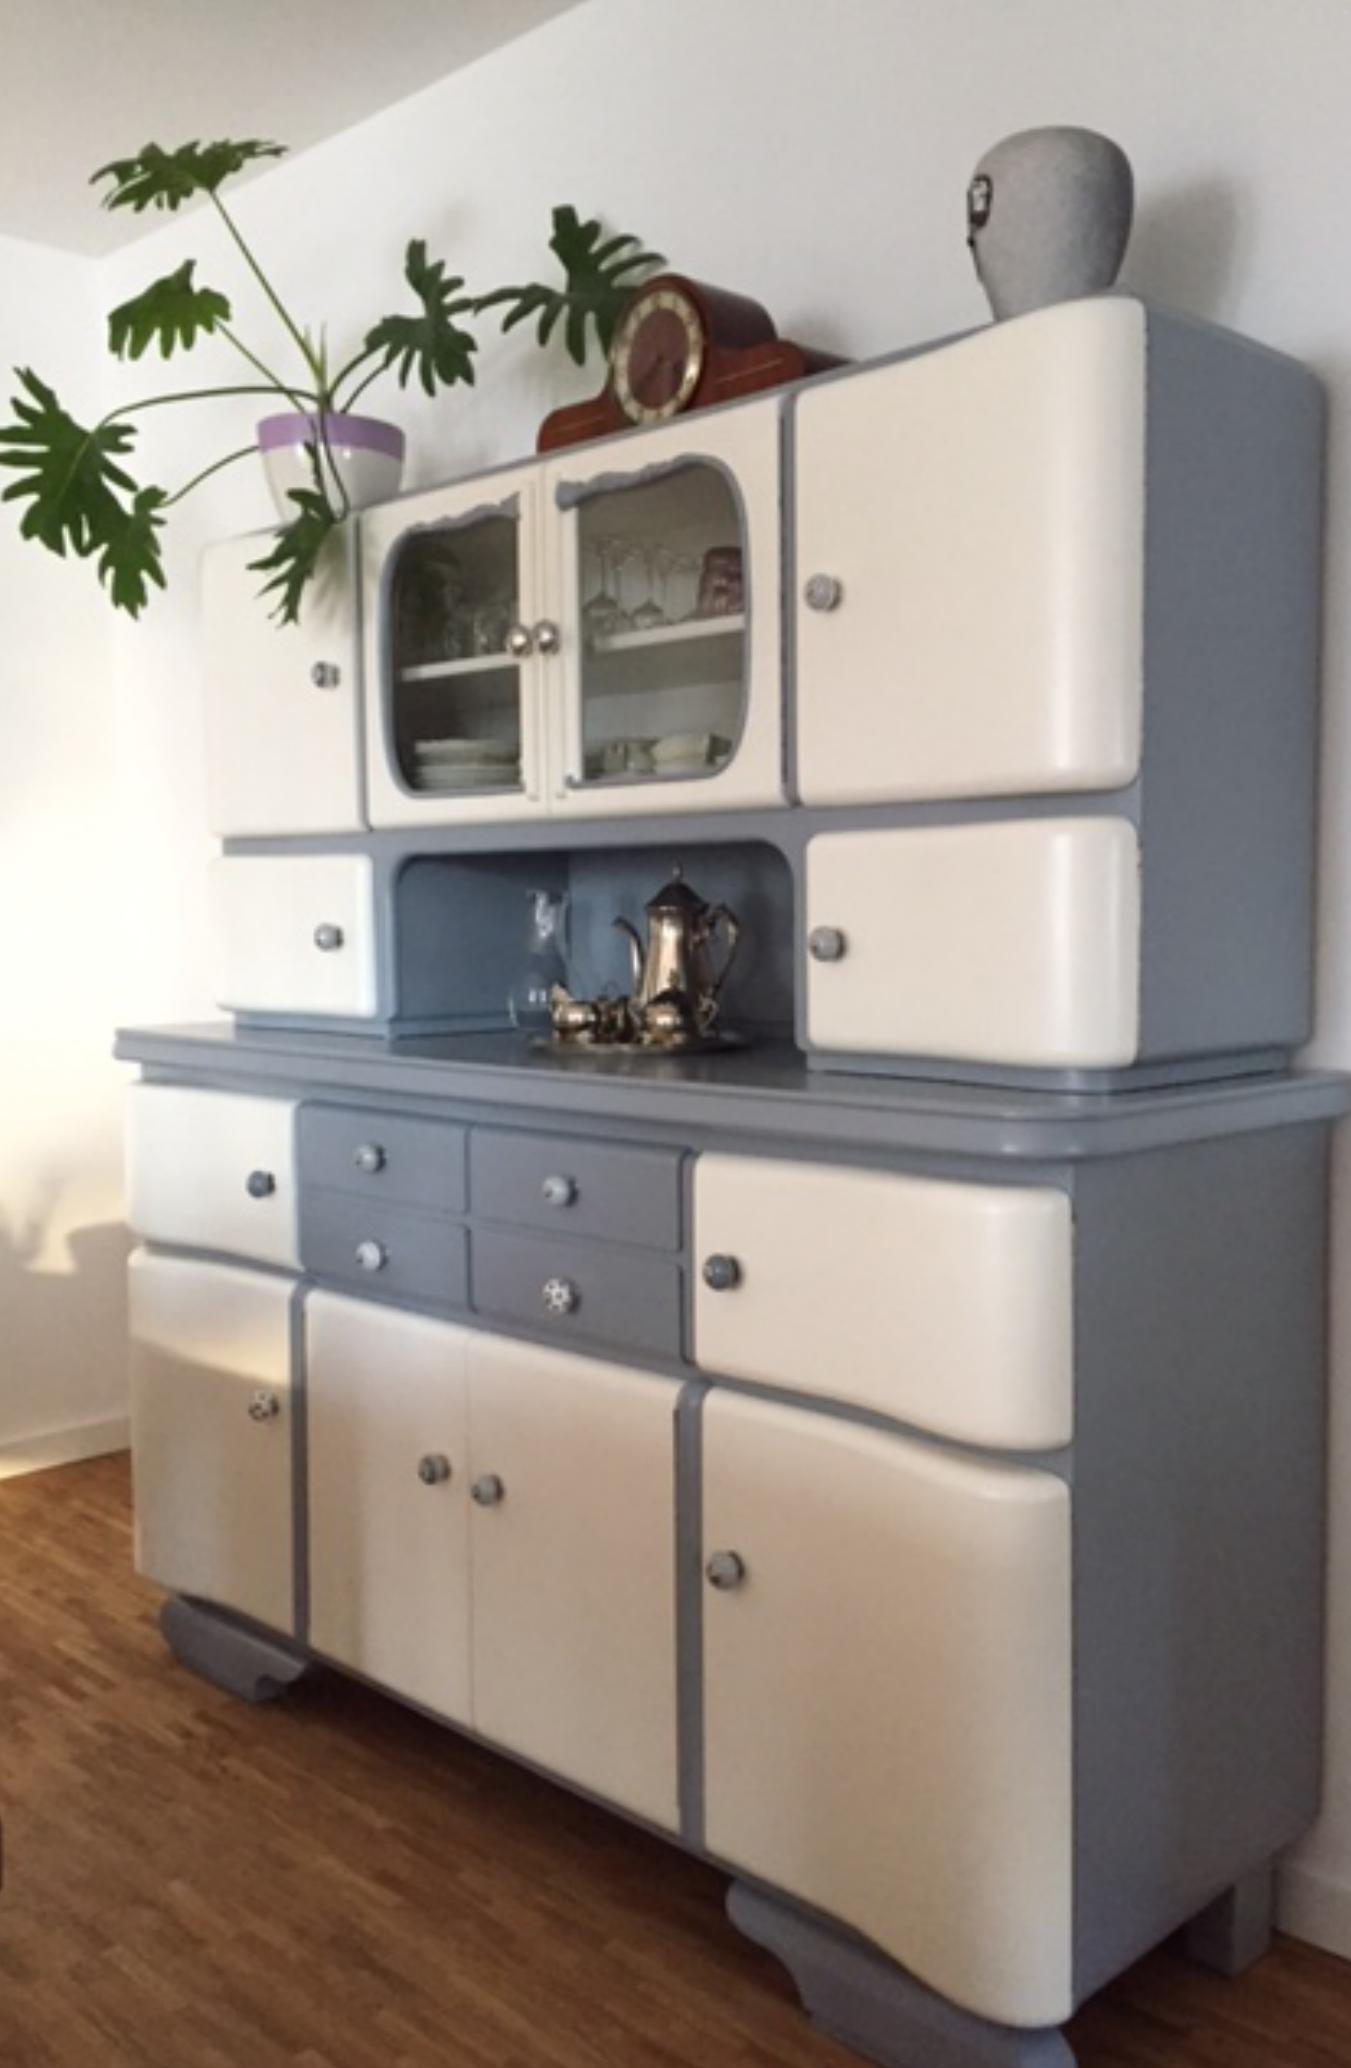 Schon Alter Küchenschrank Küchenbuffet 50er Jahre Garagenmoebel · Alte  Küchenschränke